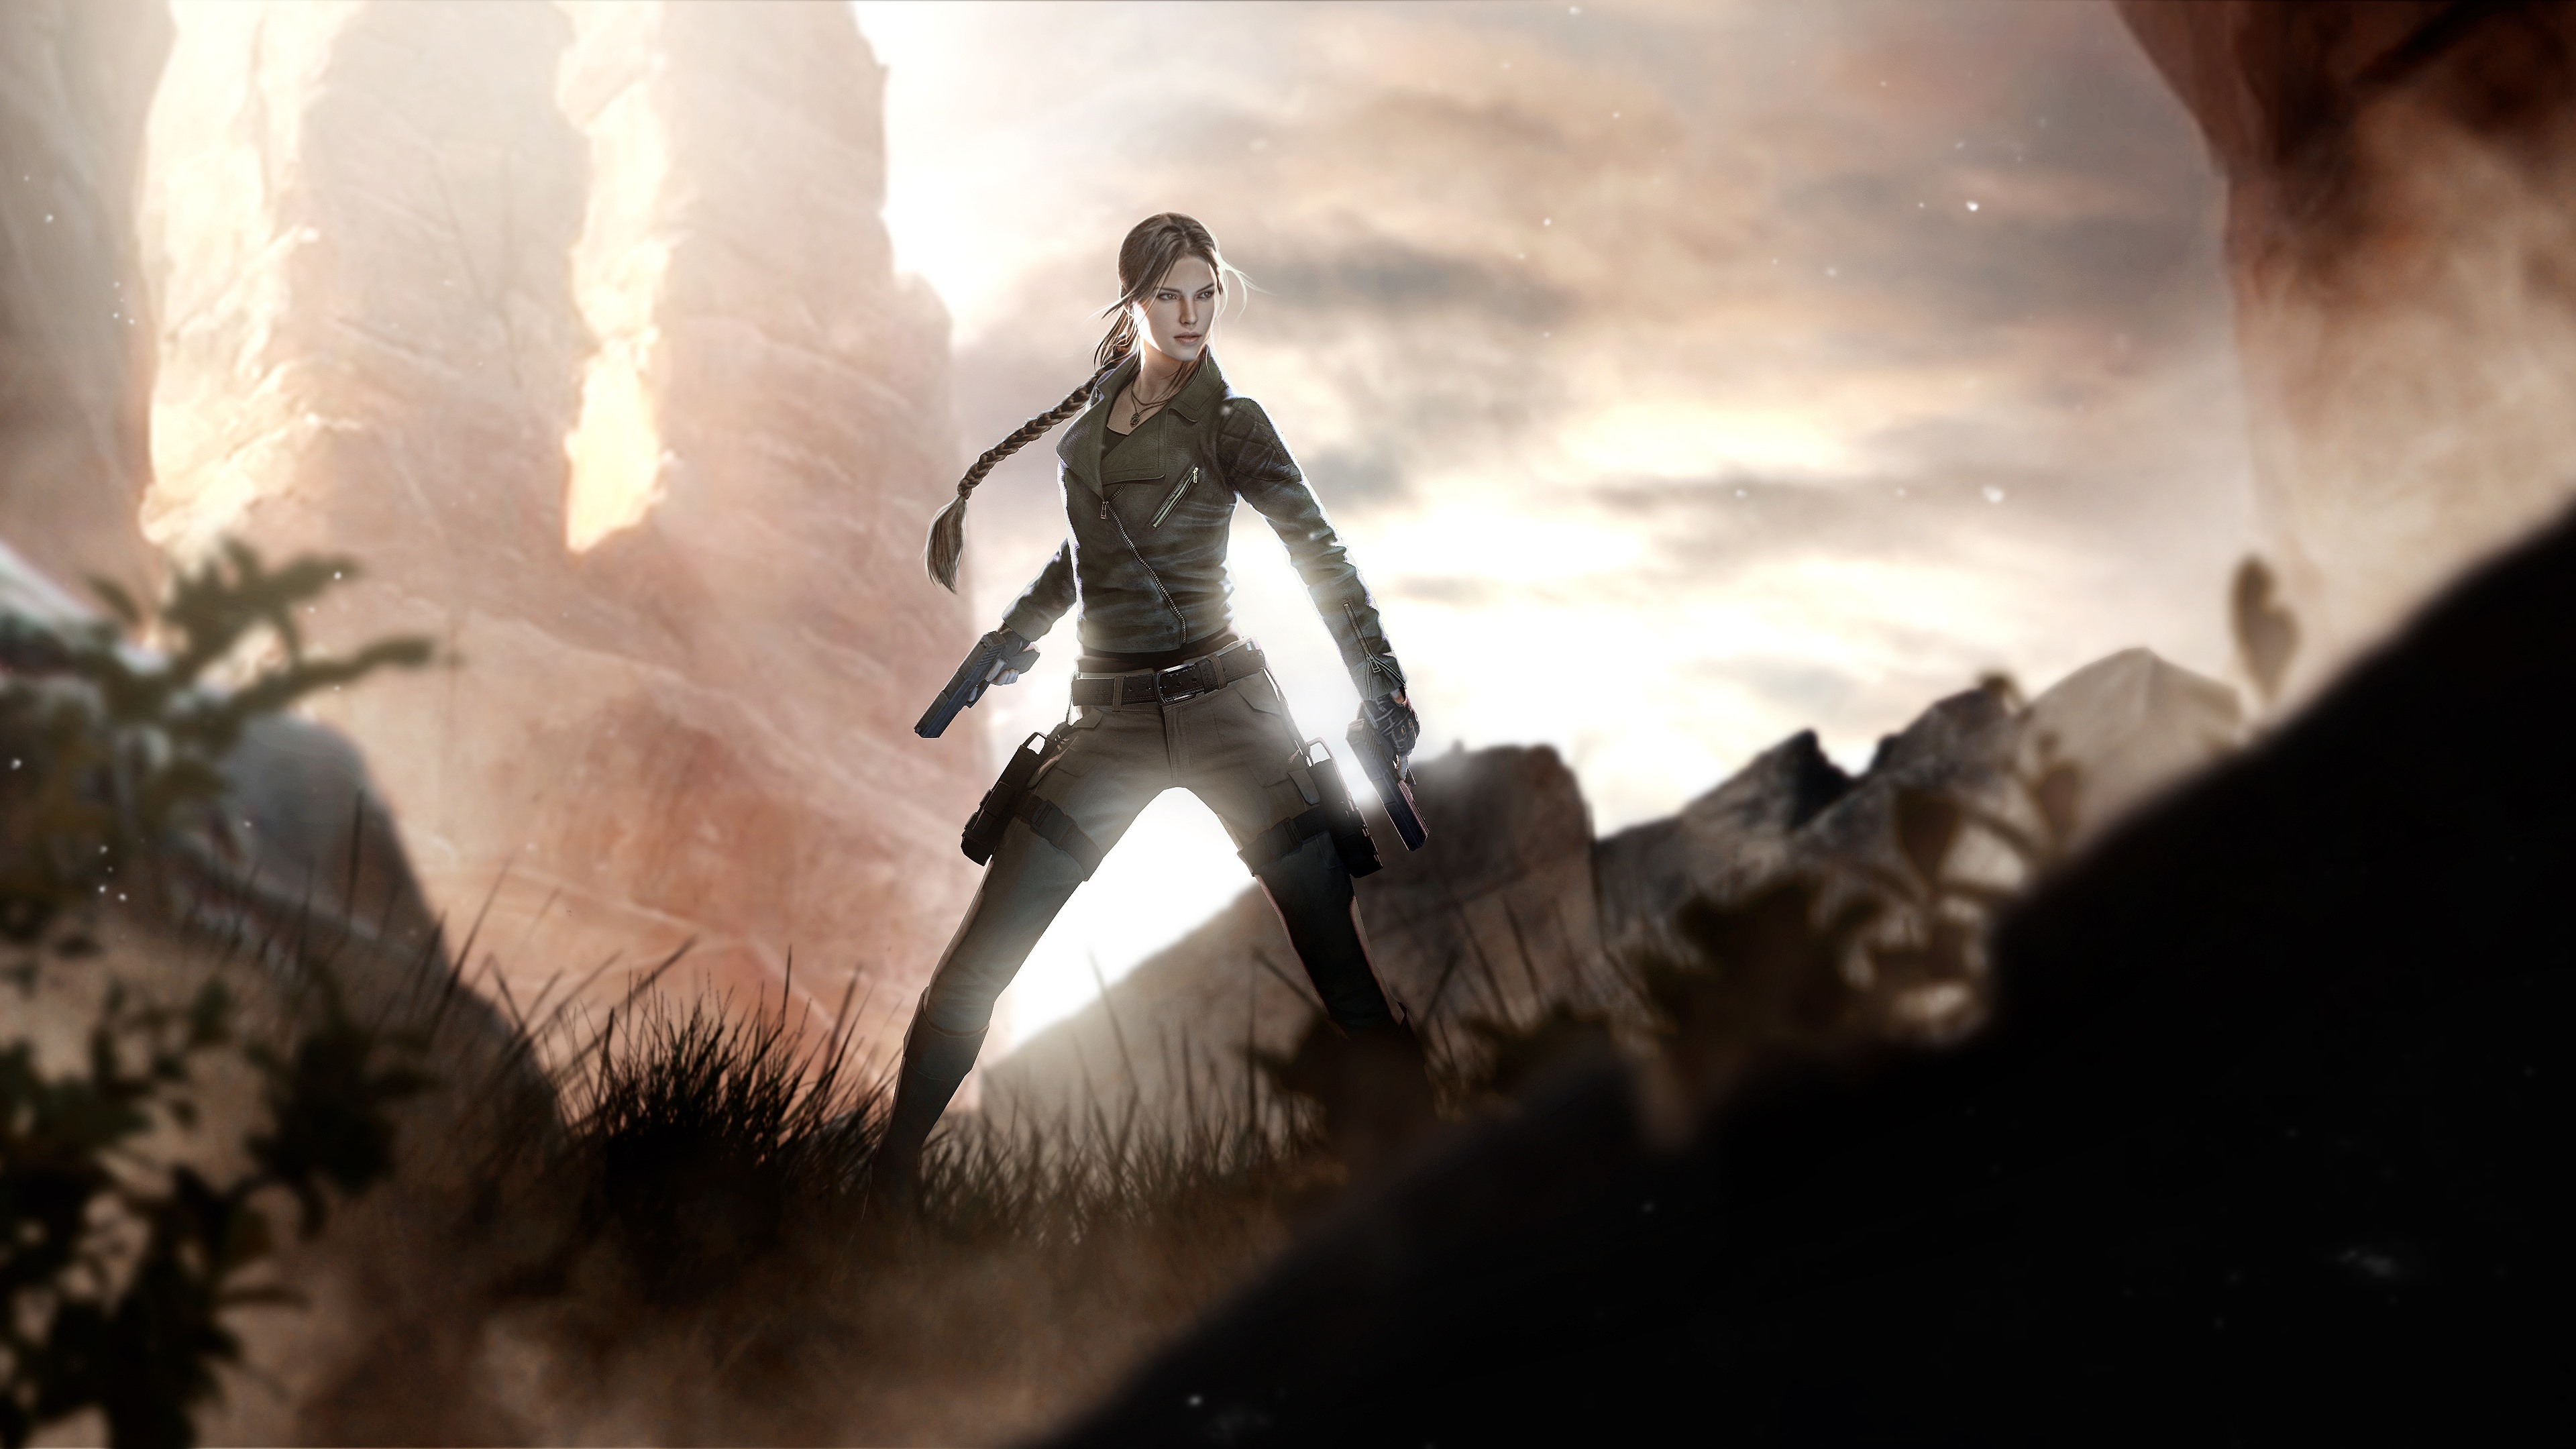 Wallpaper Lara Croft Tomb Raider Girl Gun 3840x2160 Uhd 4k